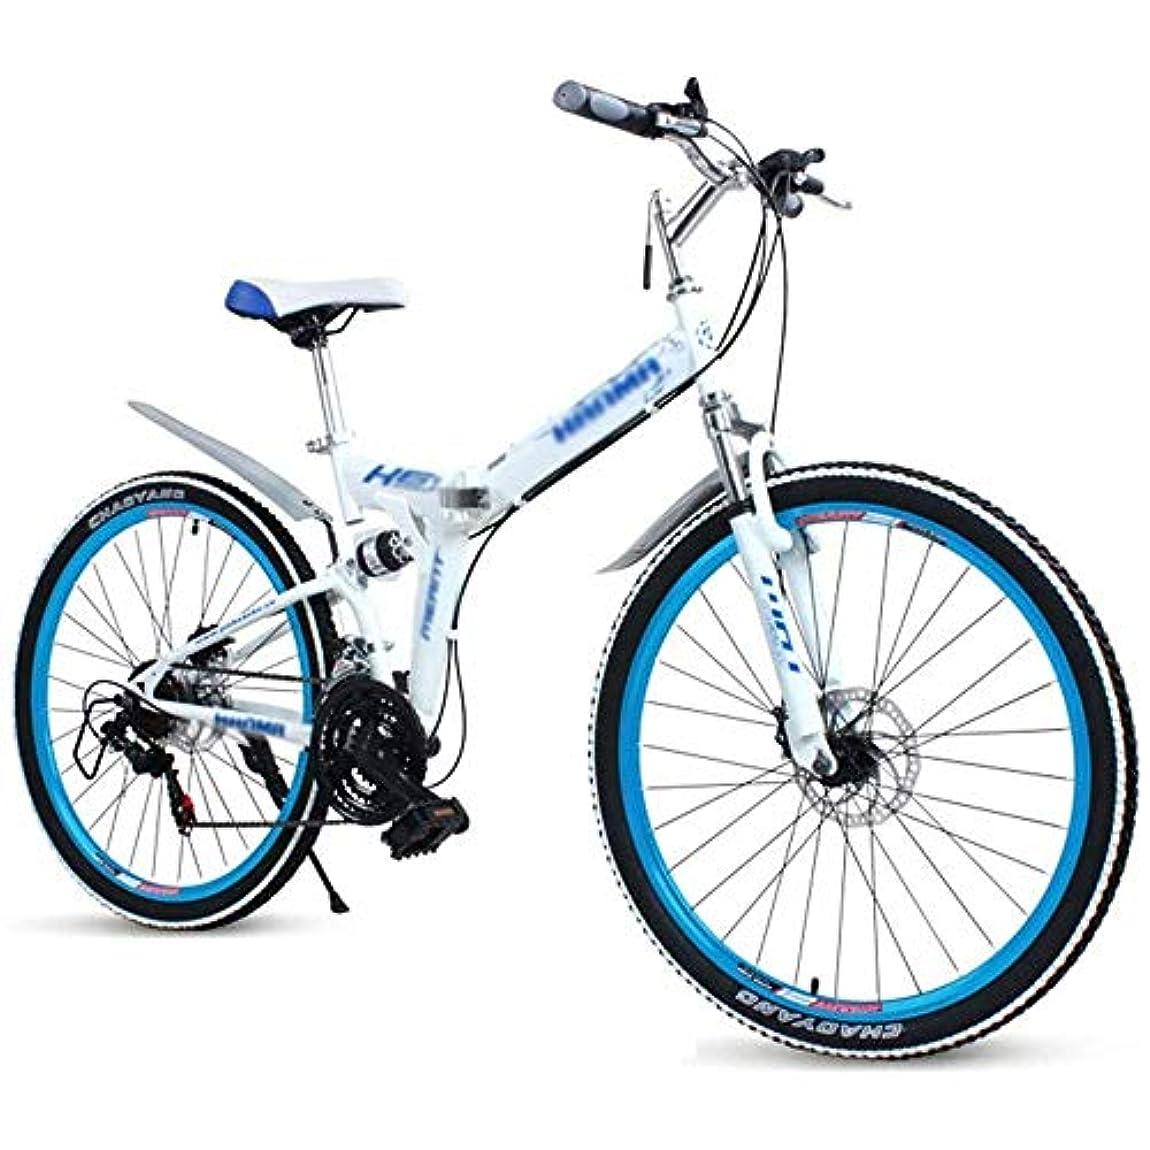 水素強要便利DFEIL 大人折りたたみマウンテンバイク、高炭素鋼のダブルディスクブレーキ折りたたみマウンテン自転車、デュアルサスペンションクロスカントリー自転車、ポータブルコミューターバイク (Color : 27 speed, サイズ : 24 inches)